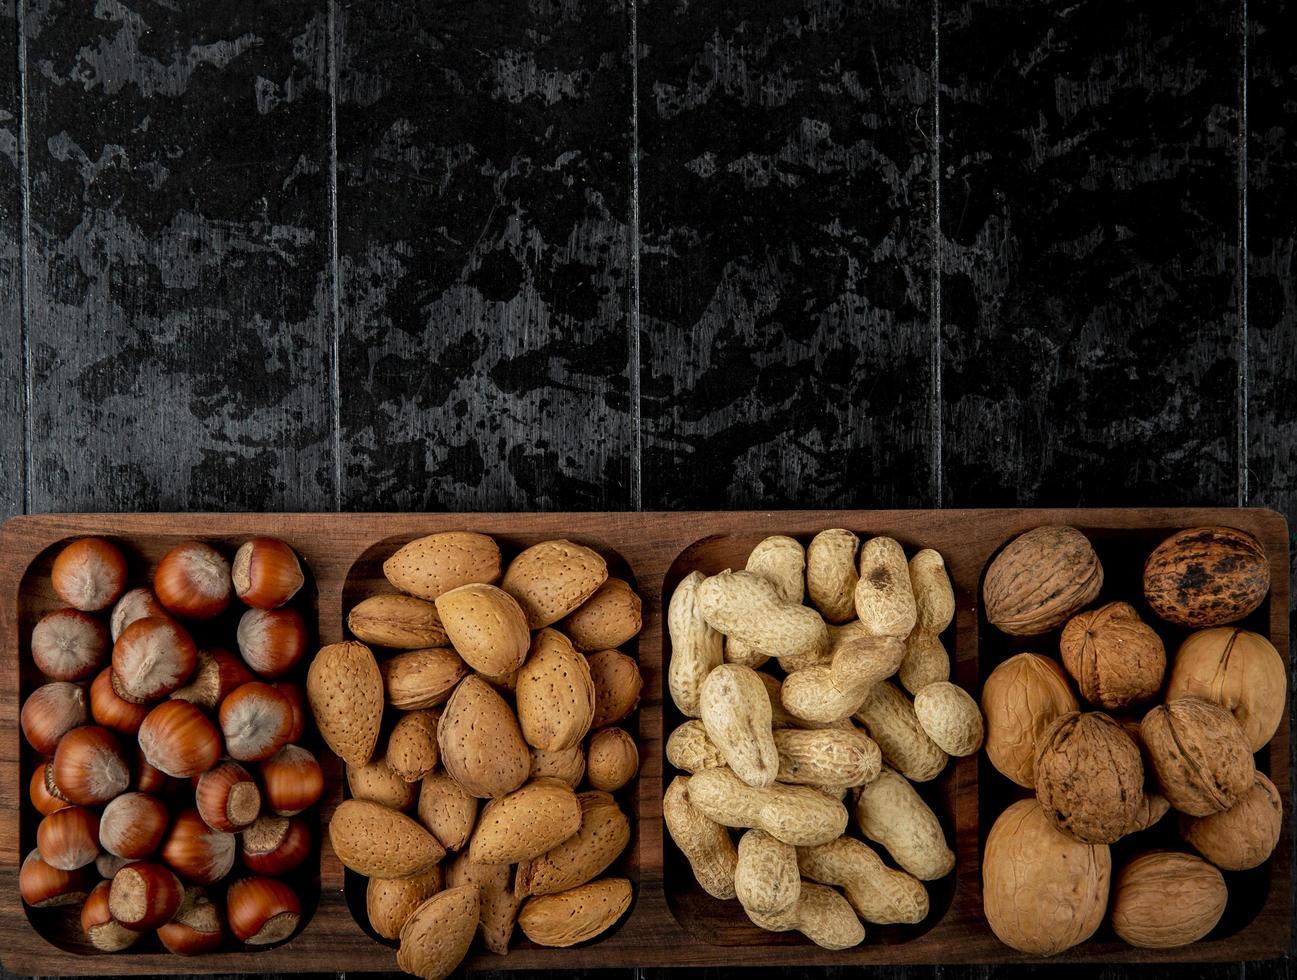 Vista dall'alto del mix di noci nocciole mandorle e arachidi in guscio su sfondo nero con copia spazio foto